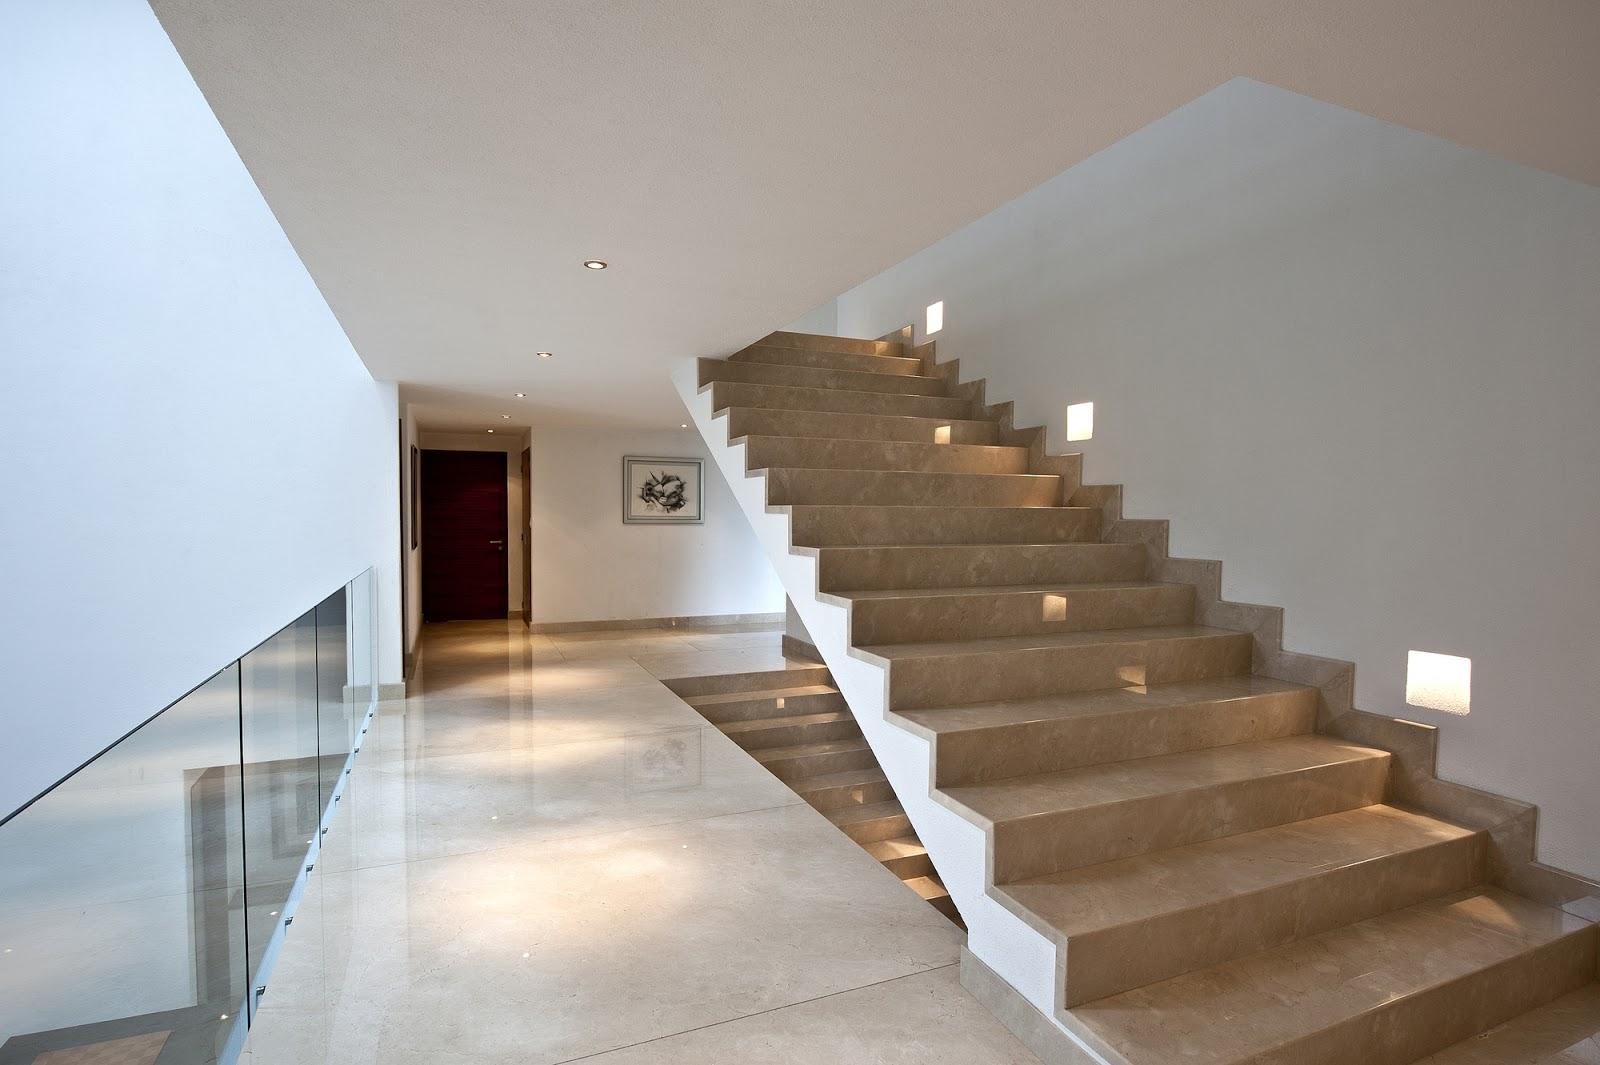 Casa ca ada de grupomm arquitectura y dise o los - Casa de diseno ...